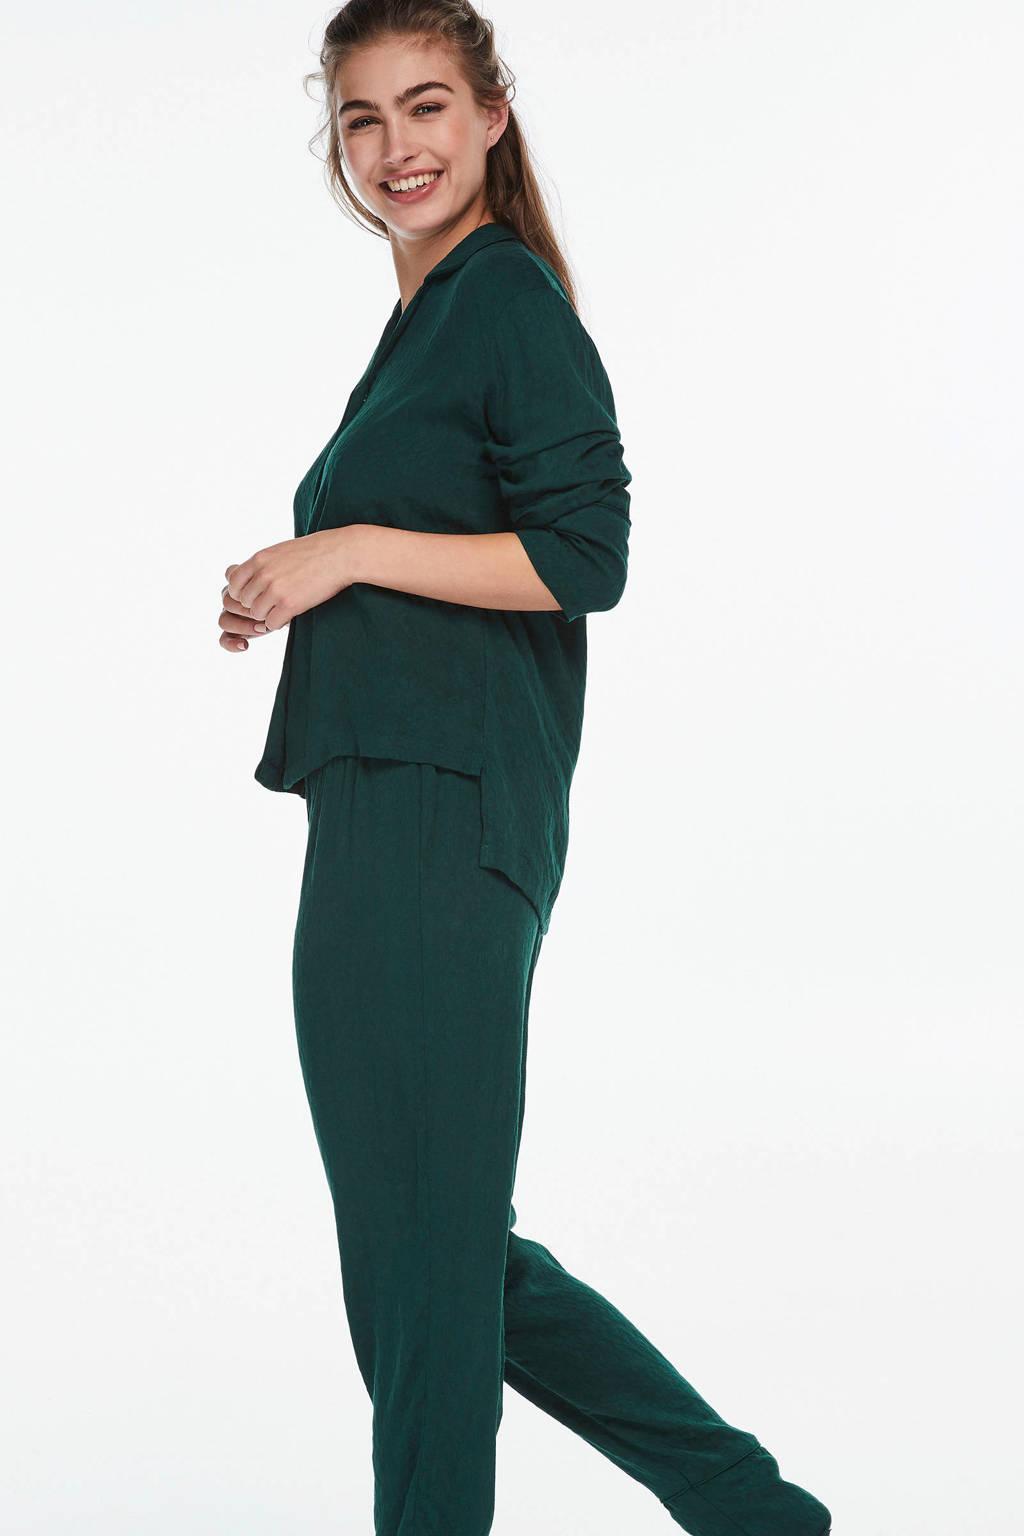 Hunkemöller pyjamatop met geweven opdruk groen, Groen